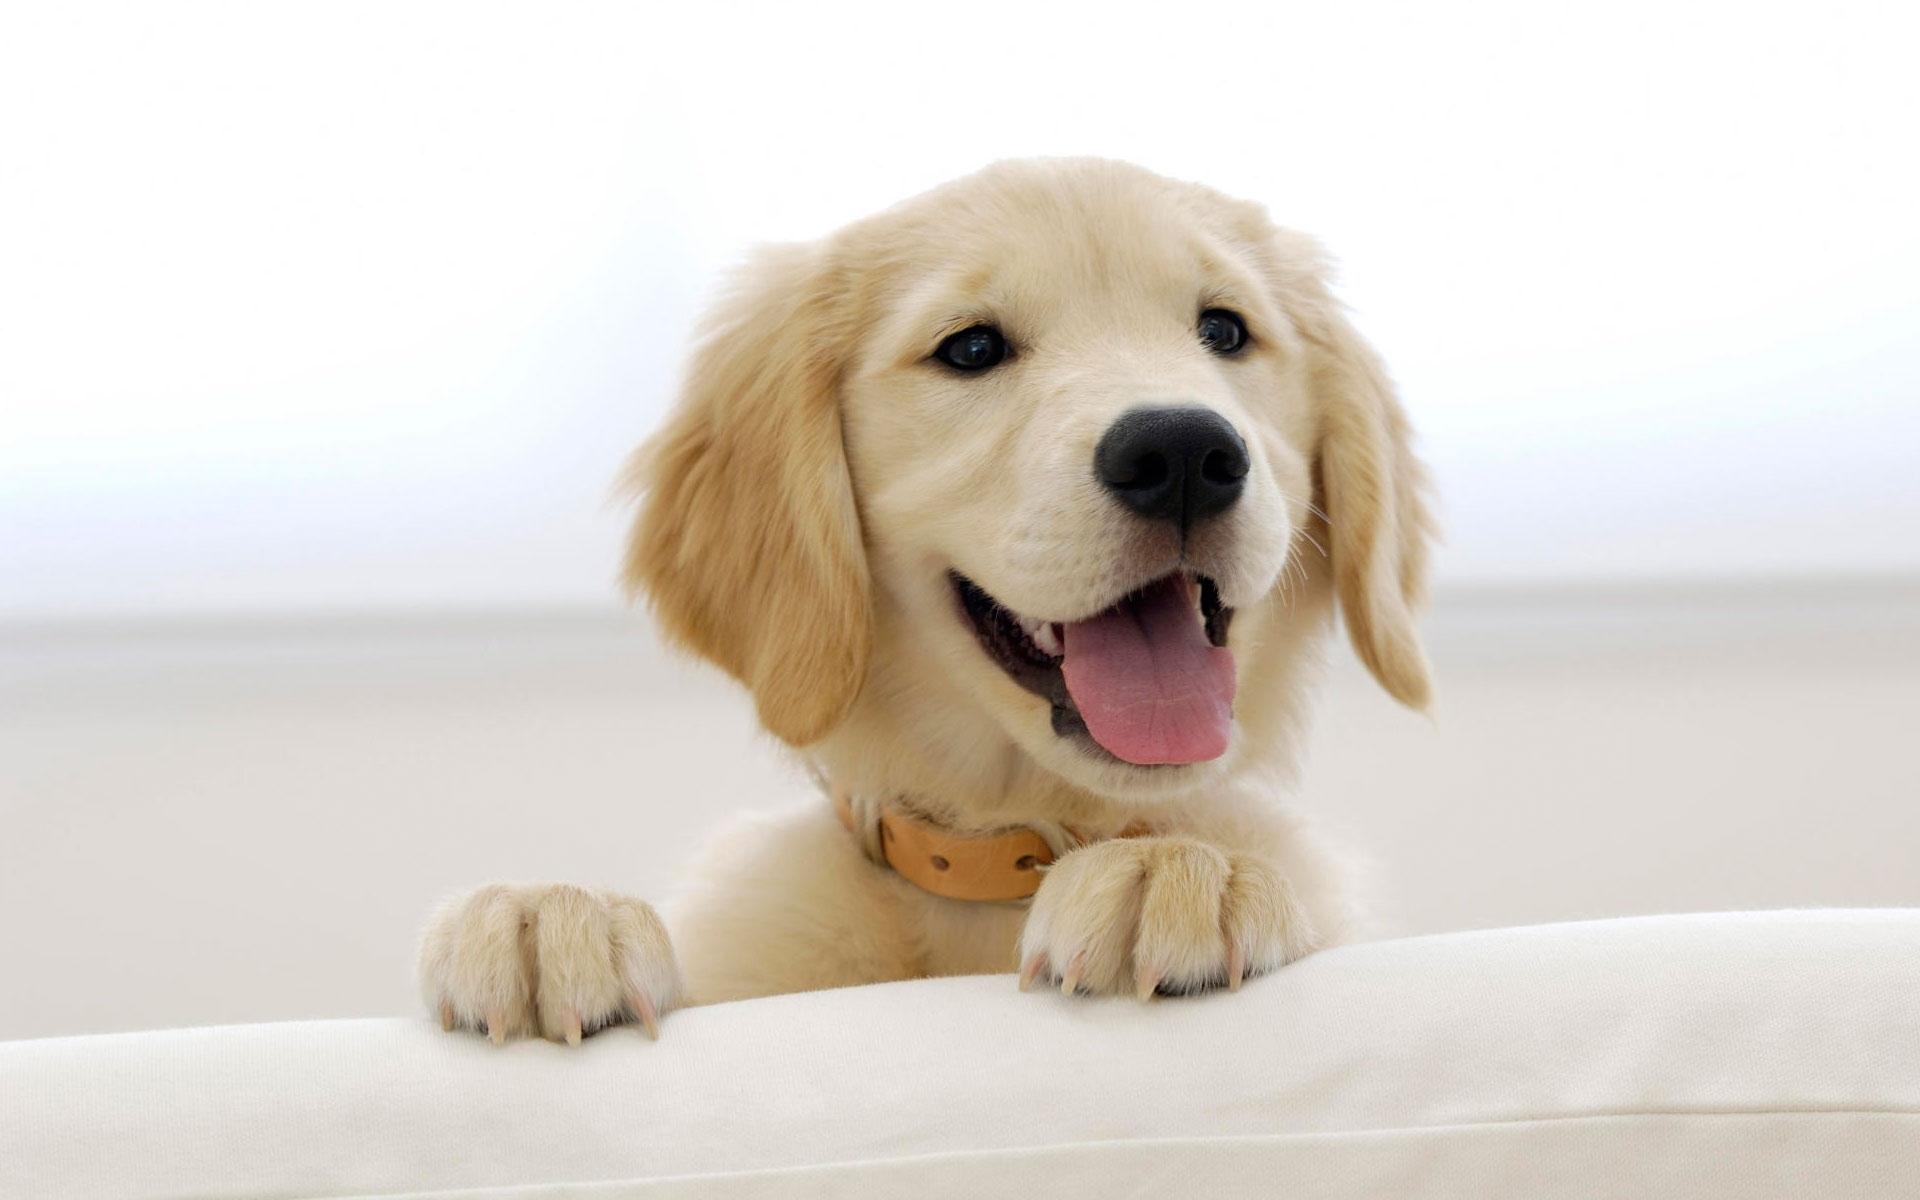 cute dogs wallpaper 14449